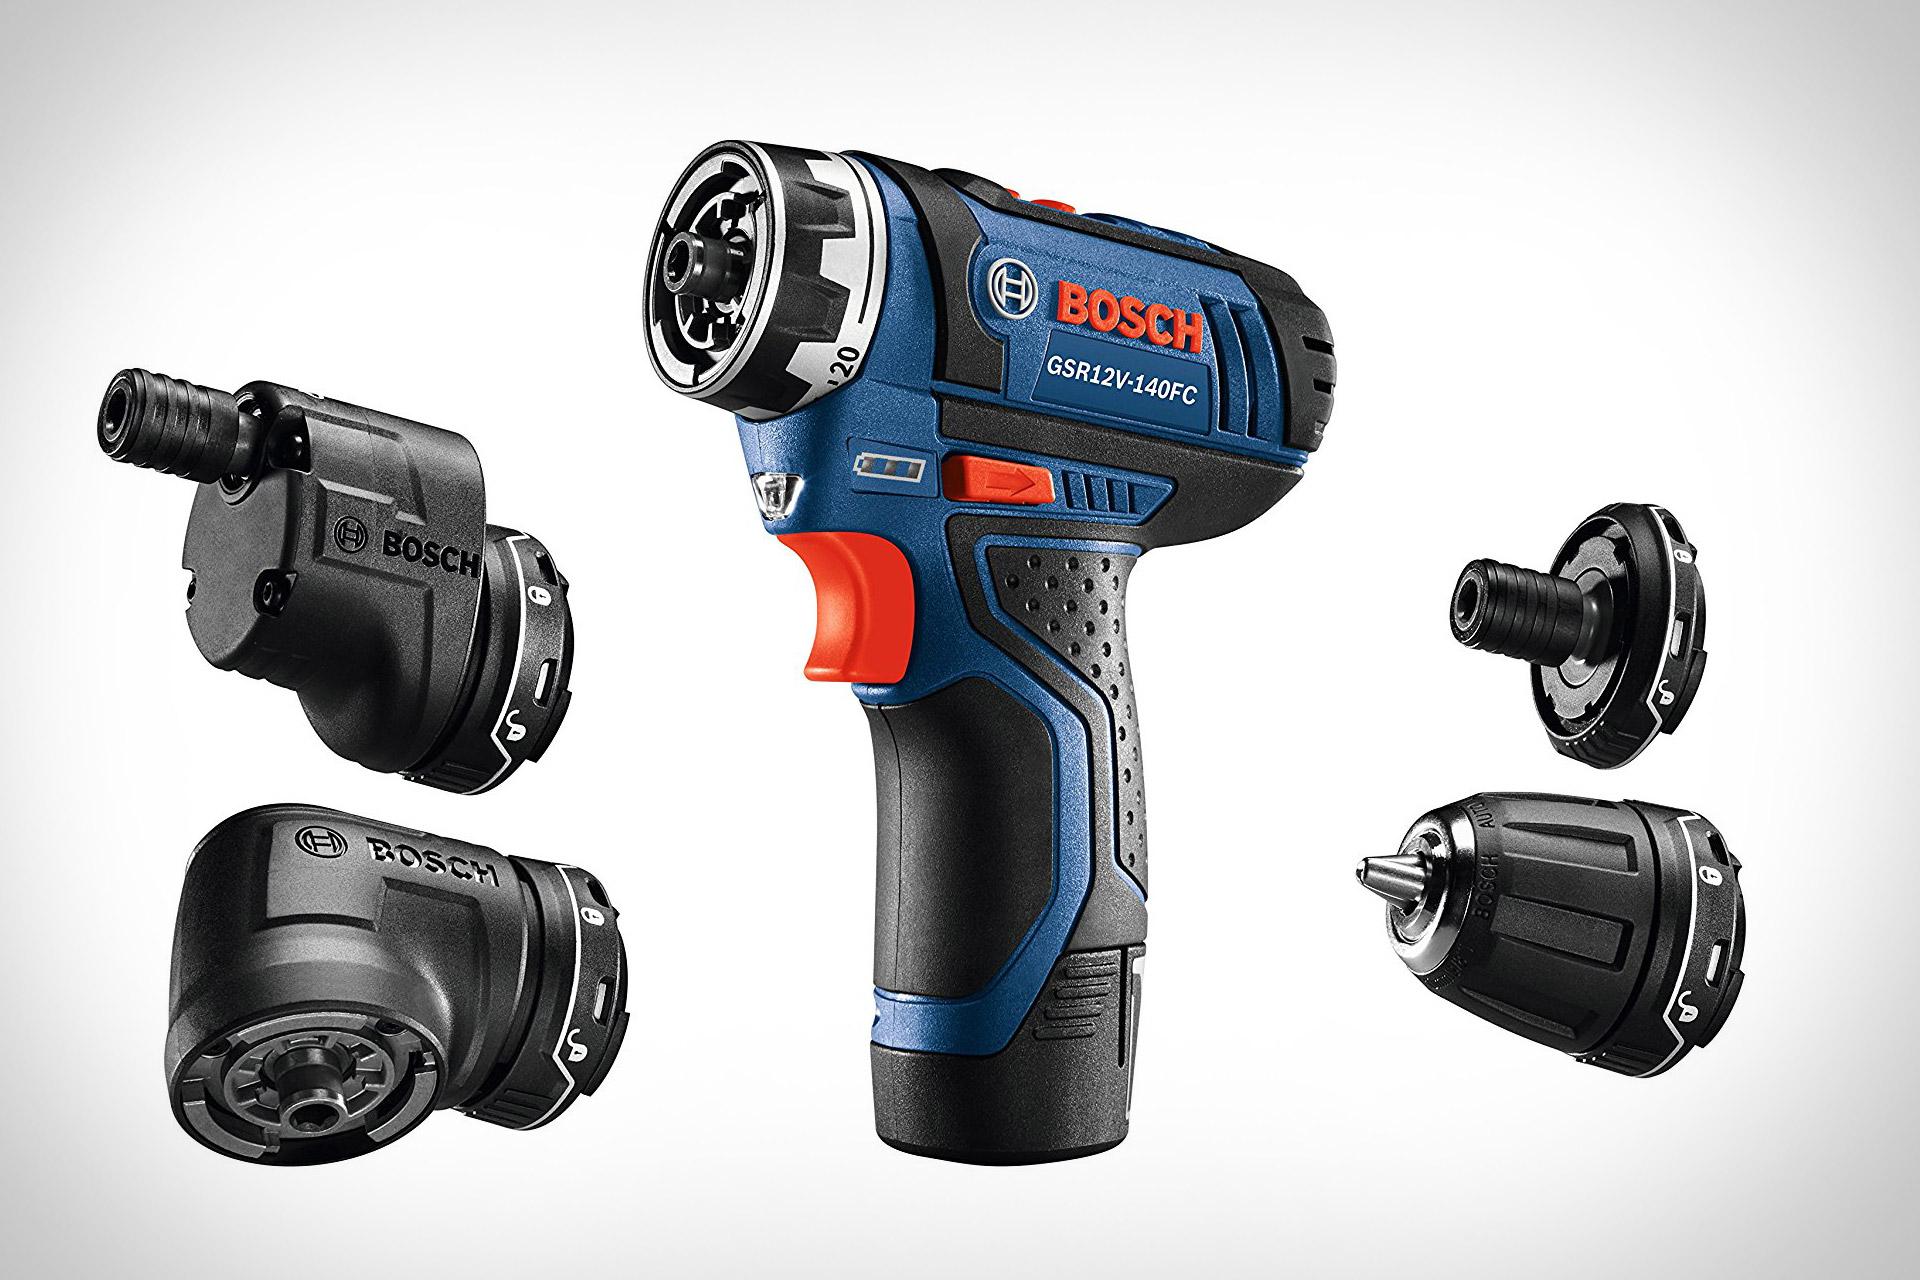 Bosch Max FlexiClick 5-In-1 Drill